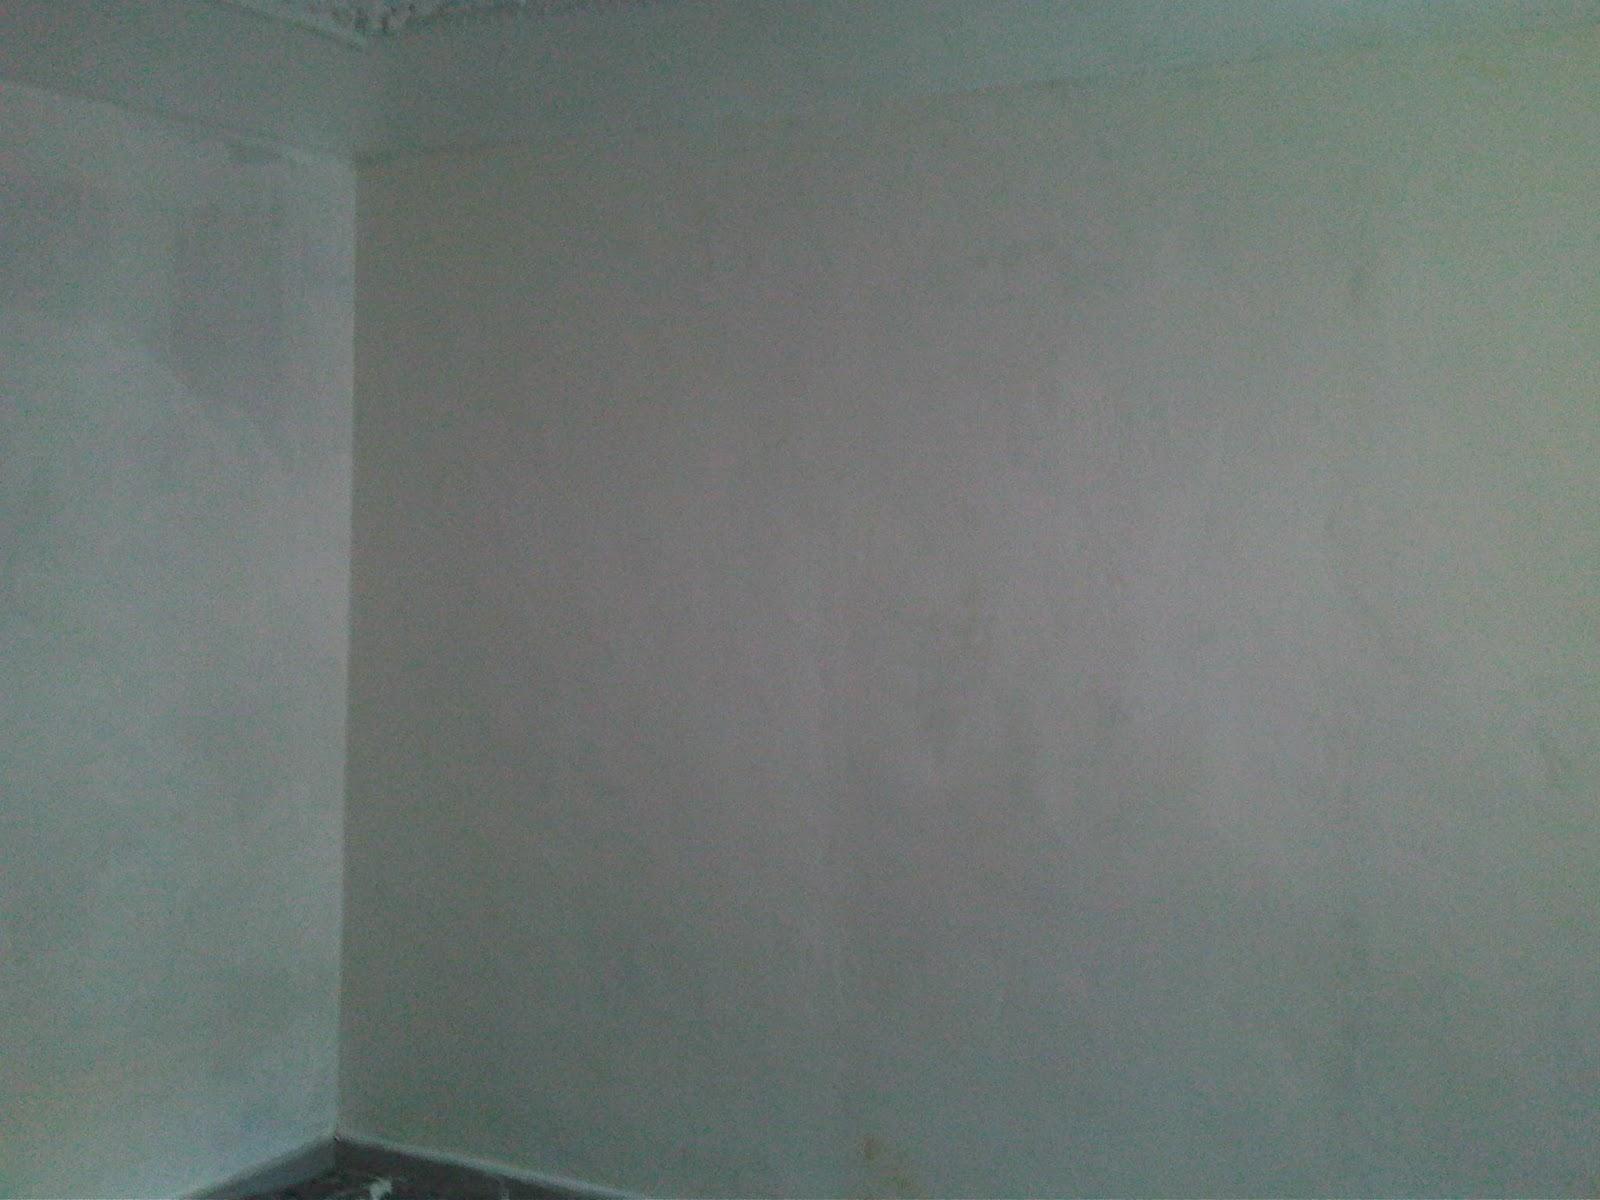 Tecnocolor sas pareti da rasare in casa - Rasare su piastrelle ...